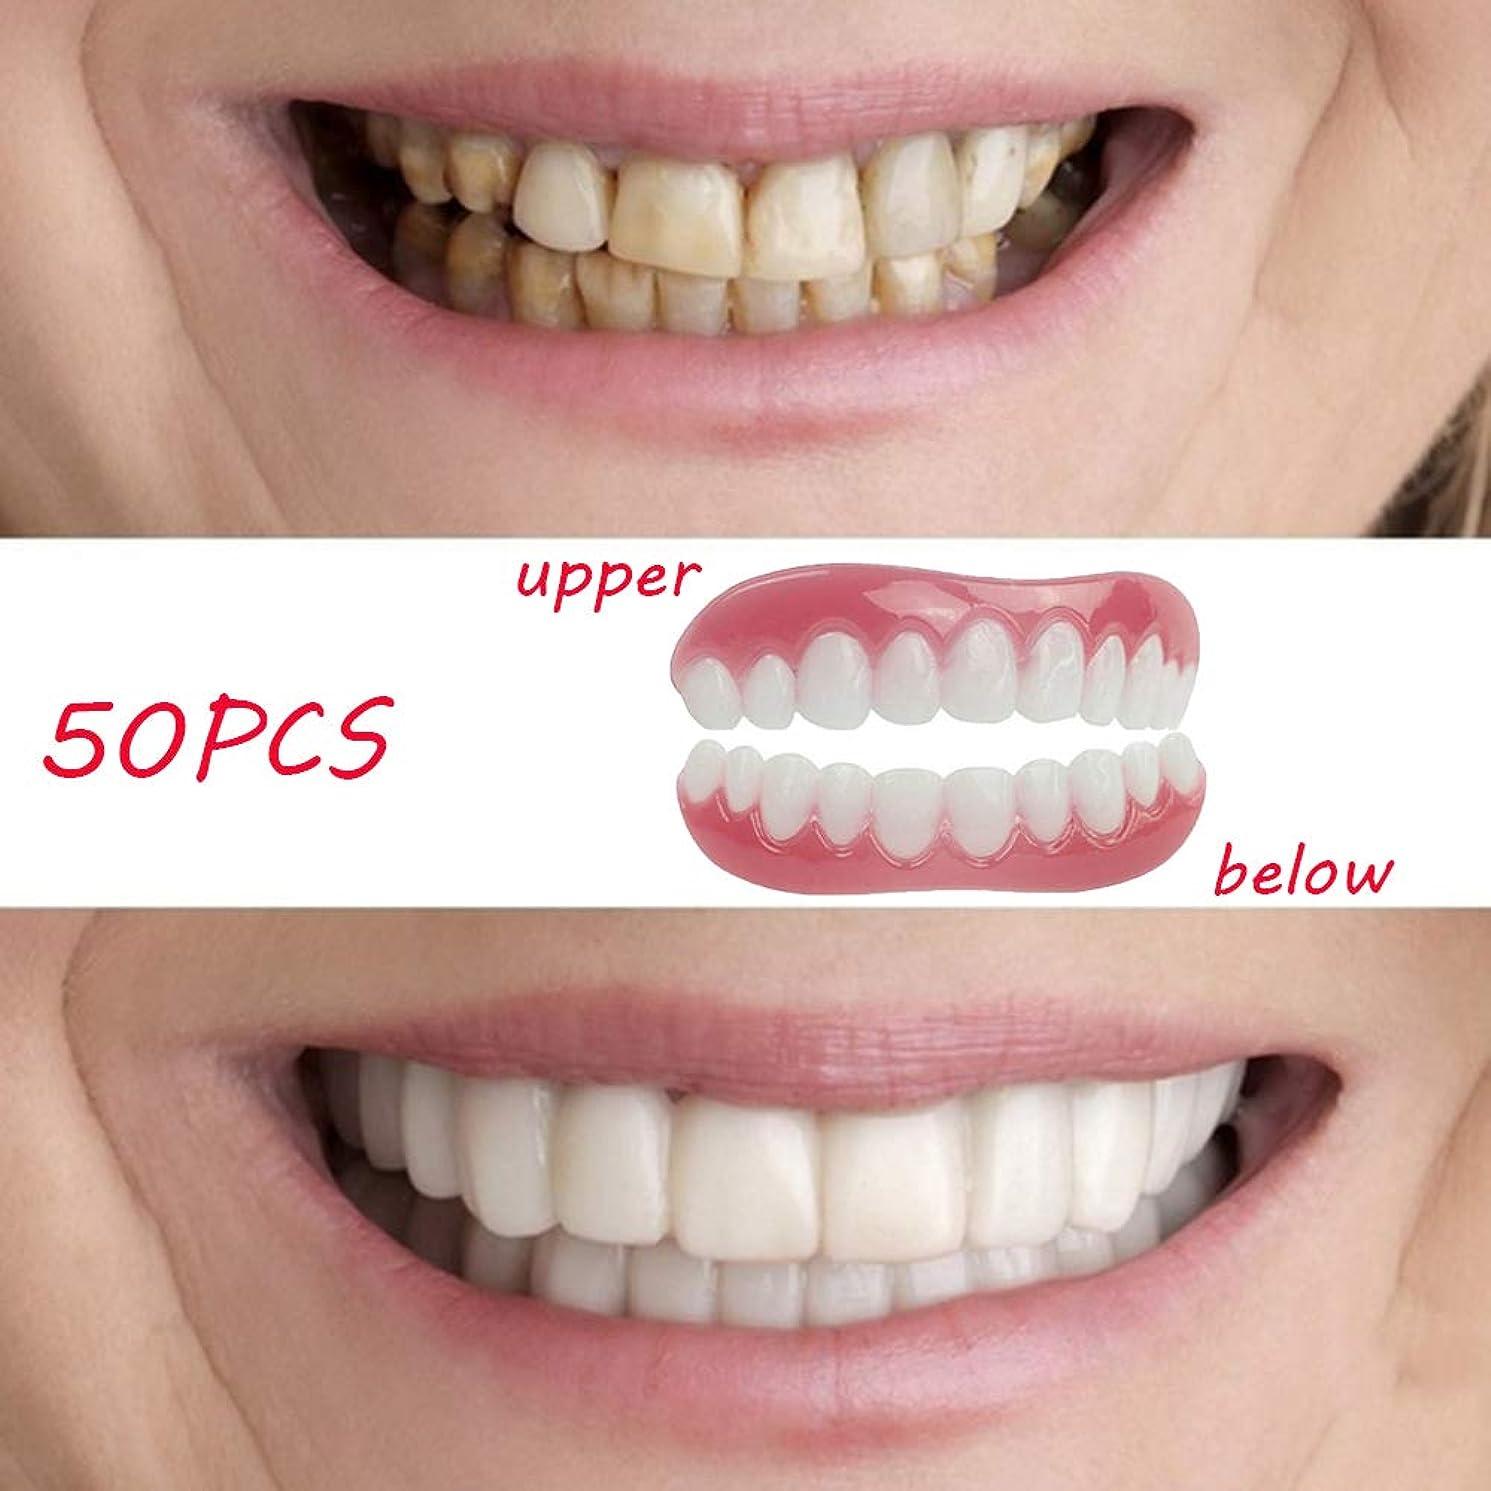 電信食べるコンパイル上下の歯を白くする50 PCS快適な歯の調整用化粧板1つのサイズすべての義歯のために適した義歯接着義歯完璧な笑顔